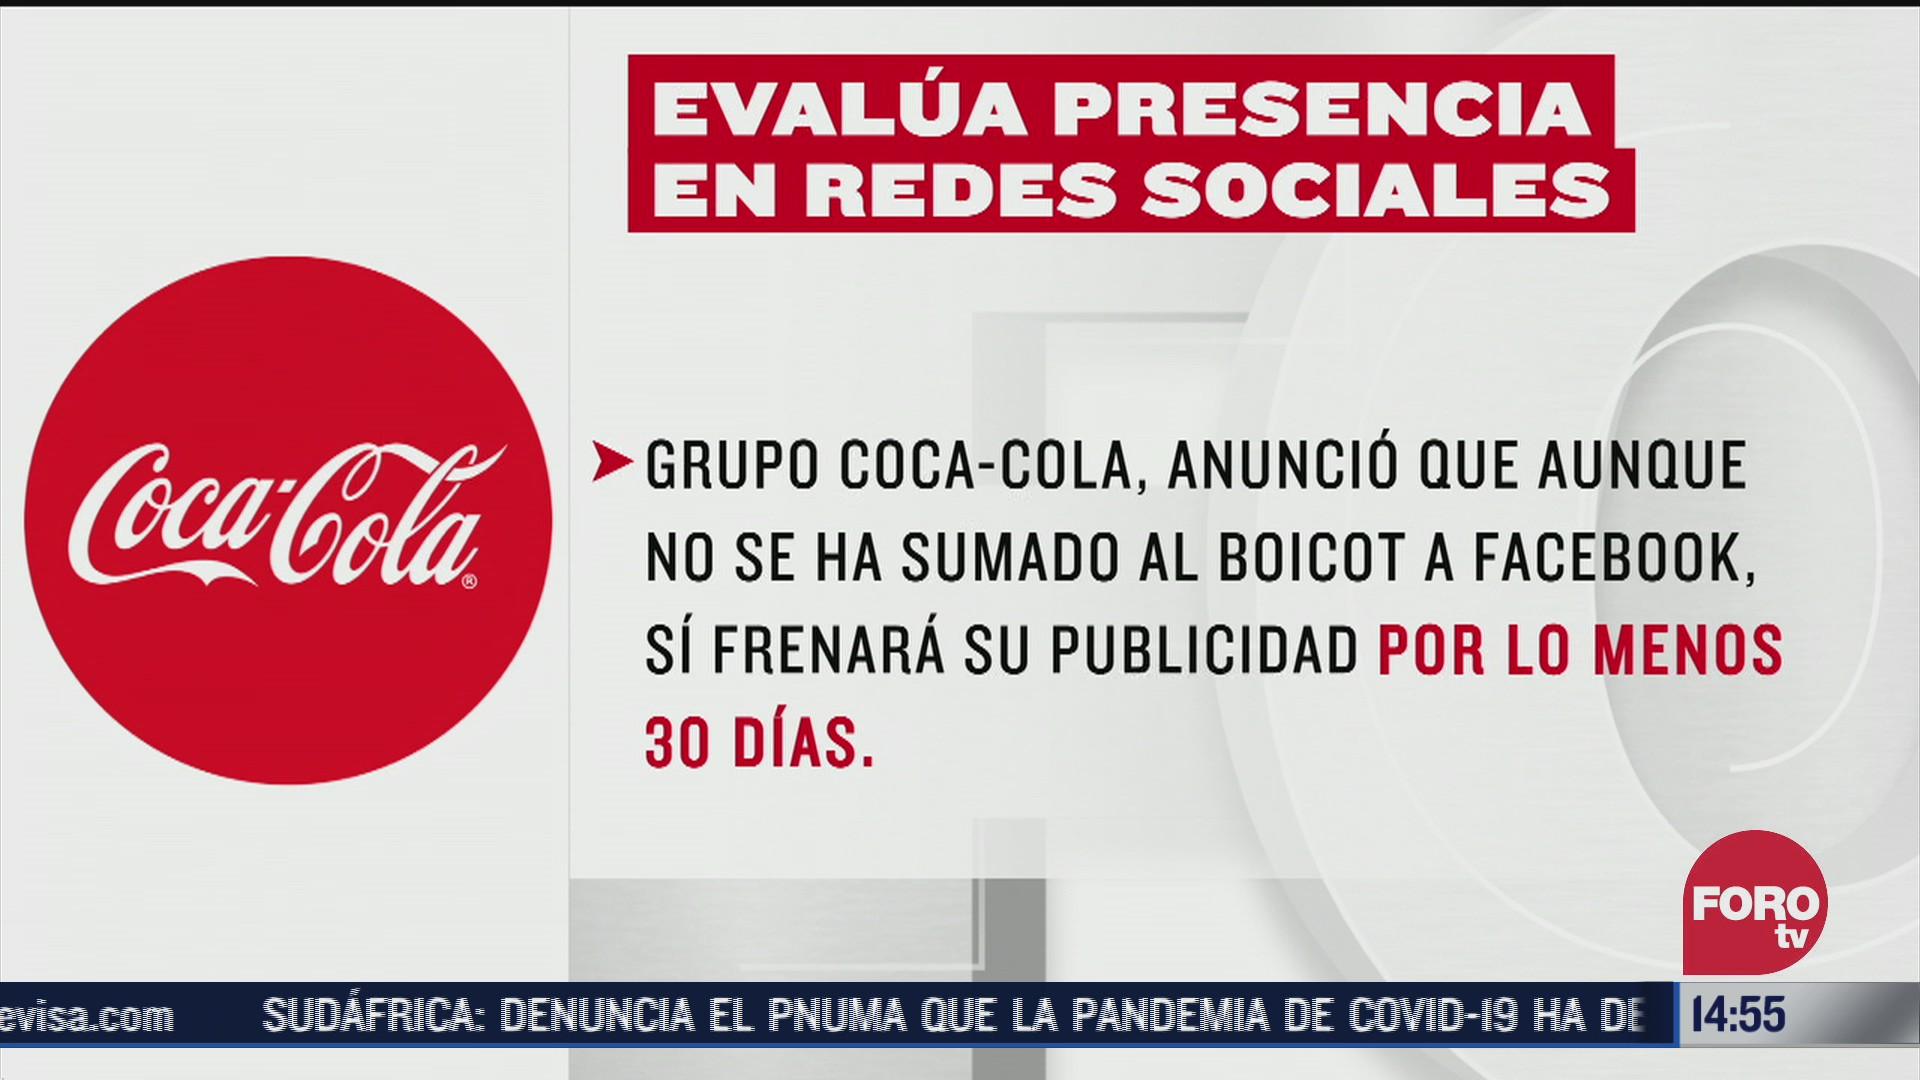 coca cola y otras marcas retiran publicidad de facebook y twitter